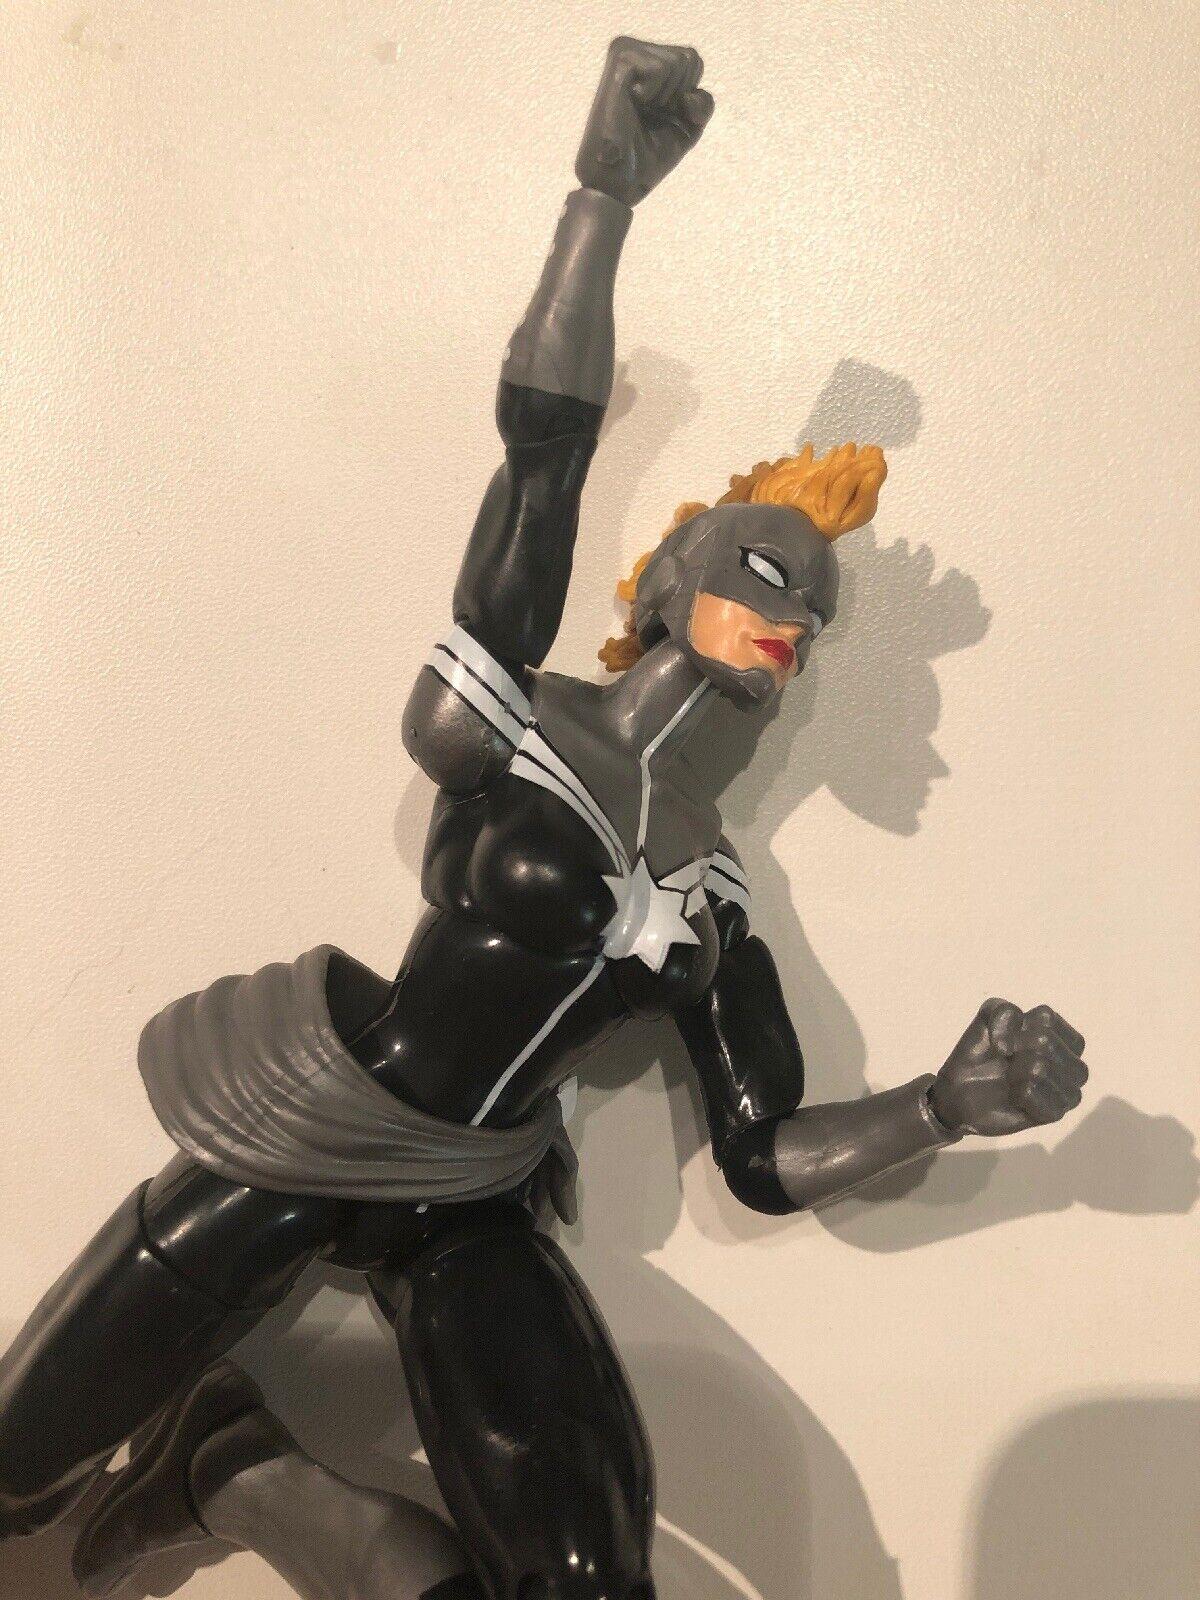 Marvel Leyendas Ilimitado exclusivo Capitán Marvel gris acción figura Danvers